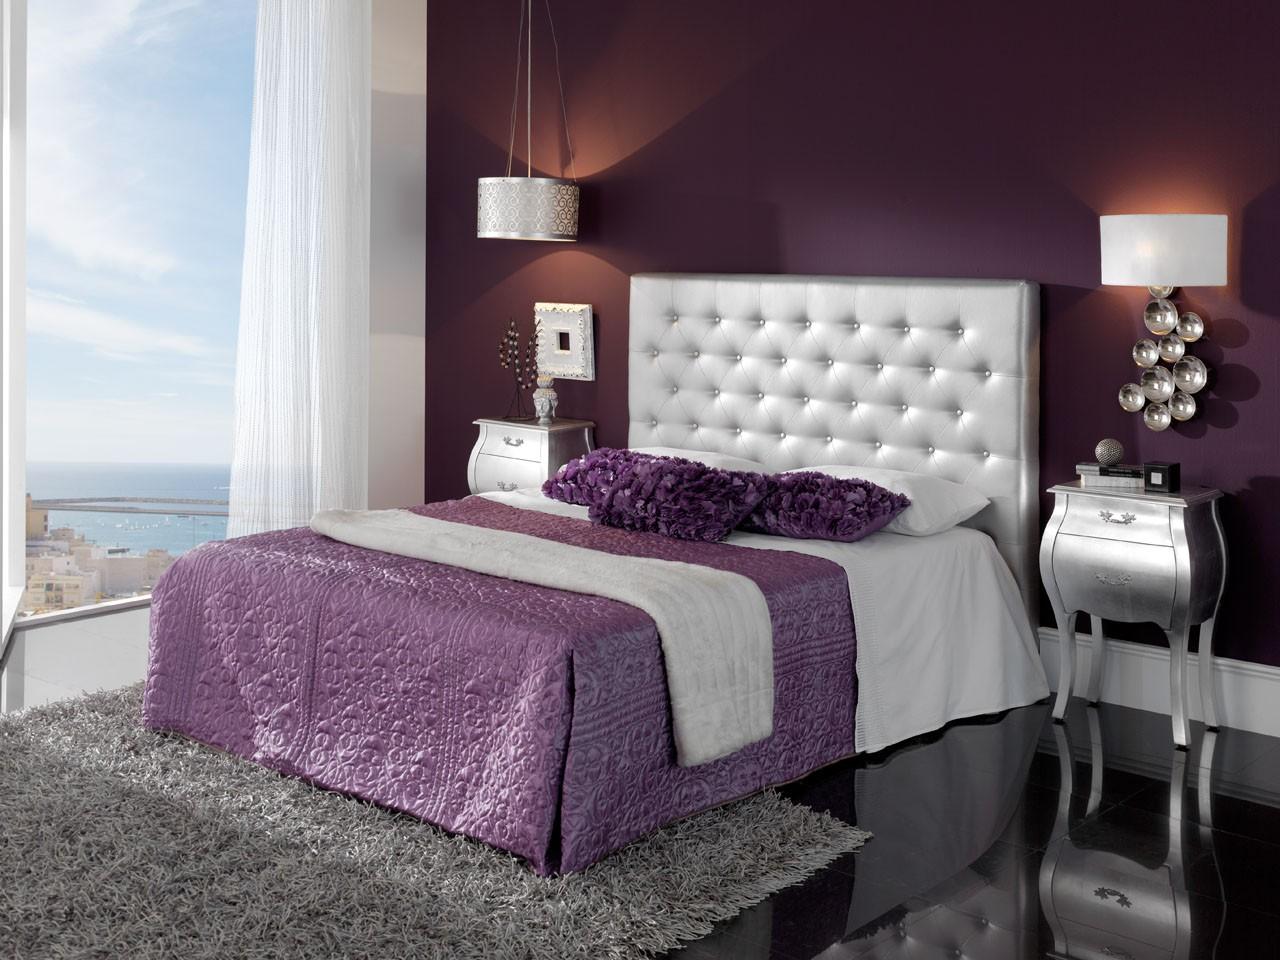 cabeceros polipiel cabeceros piel cabeceros tapizados cabecero cama moderno cabeceros modernos online with cabecero tapizado barato